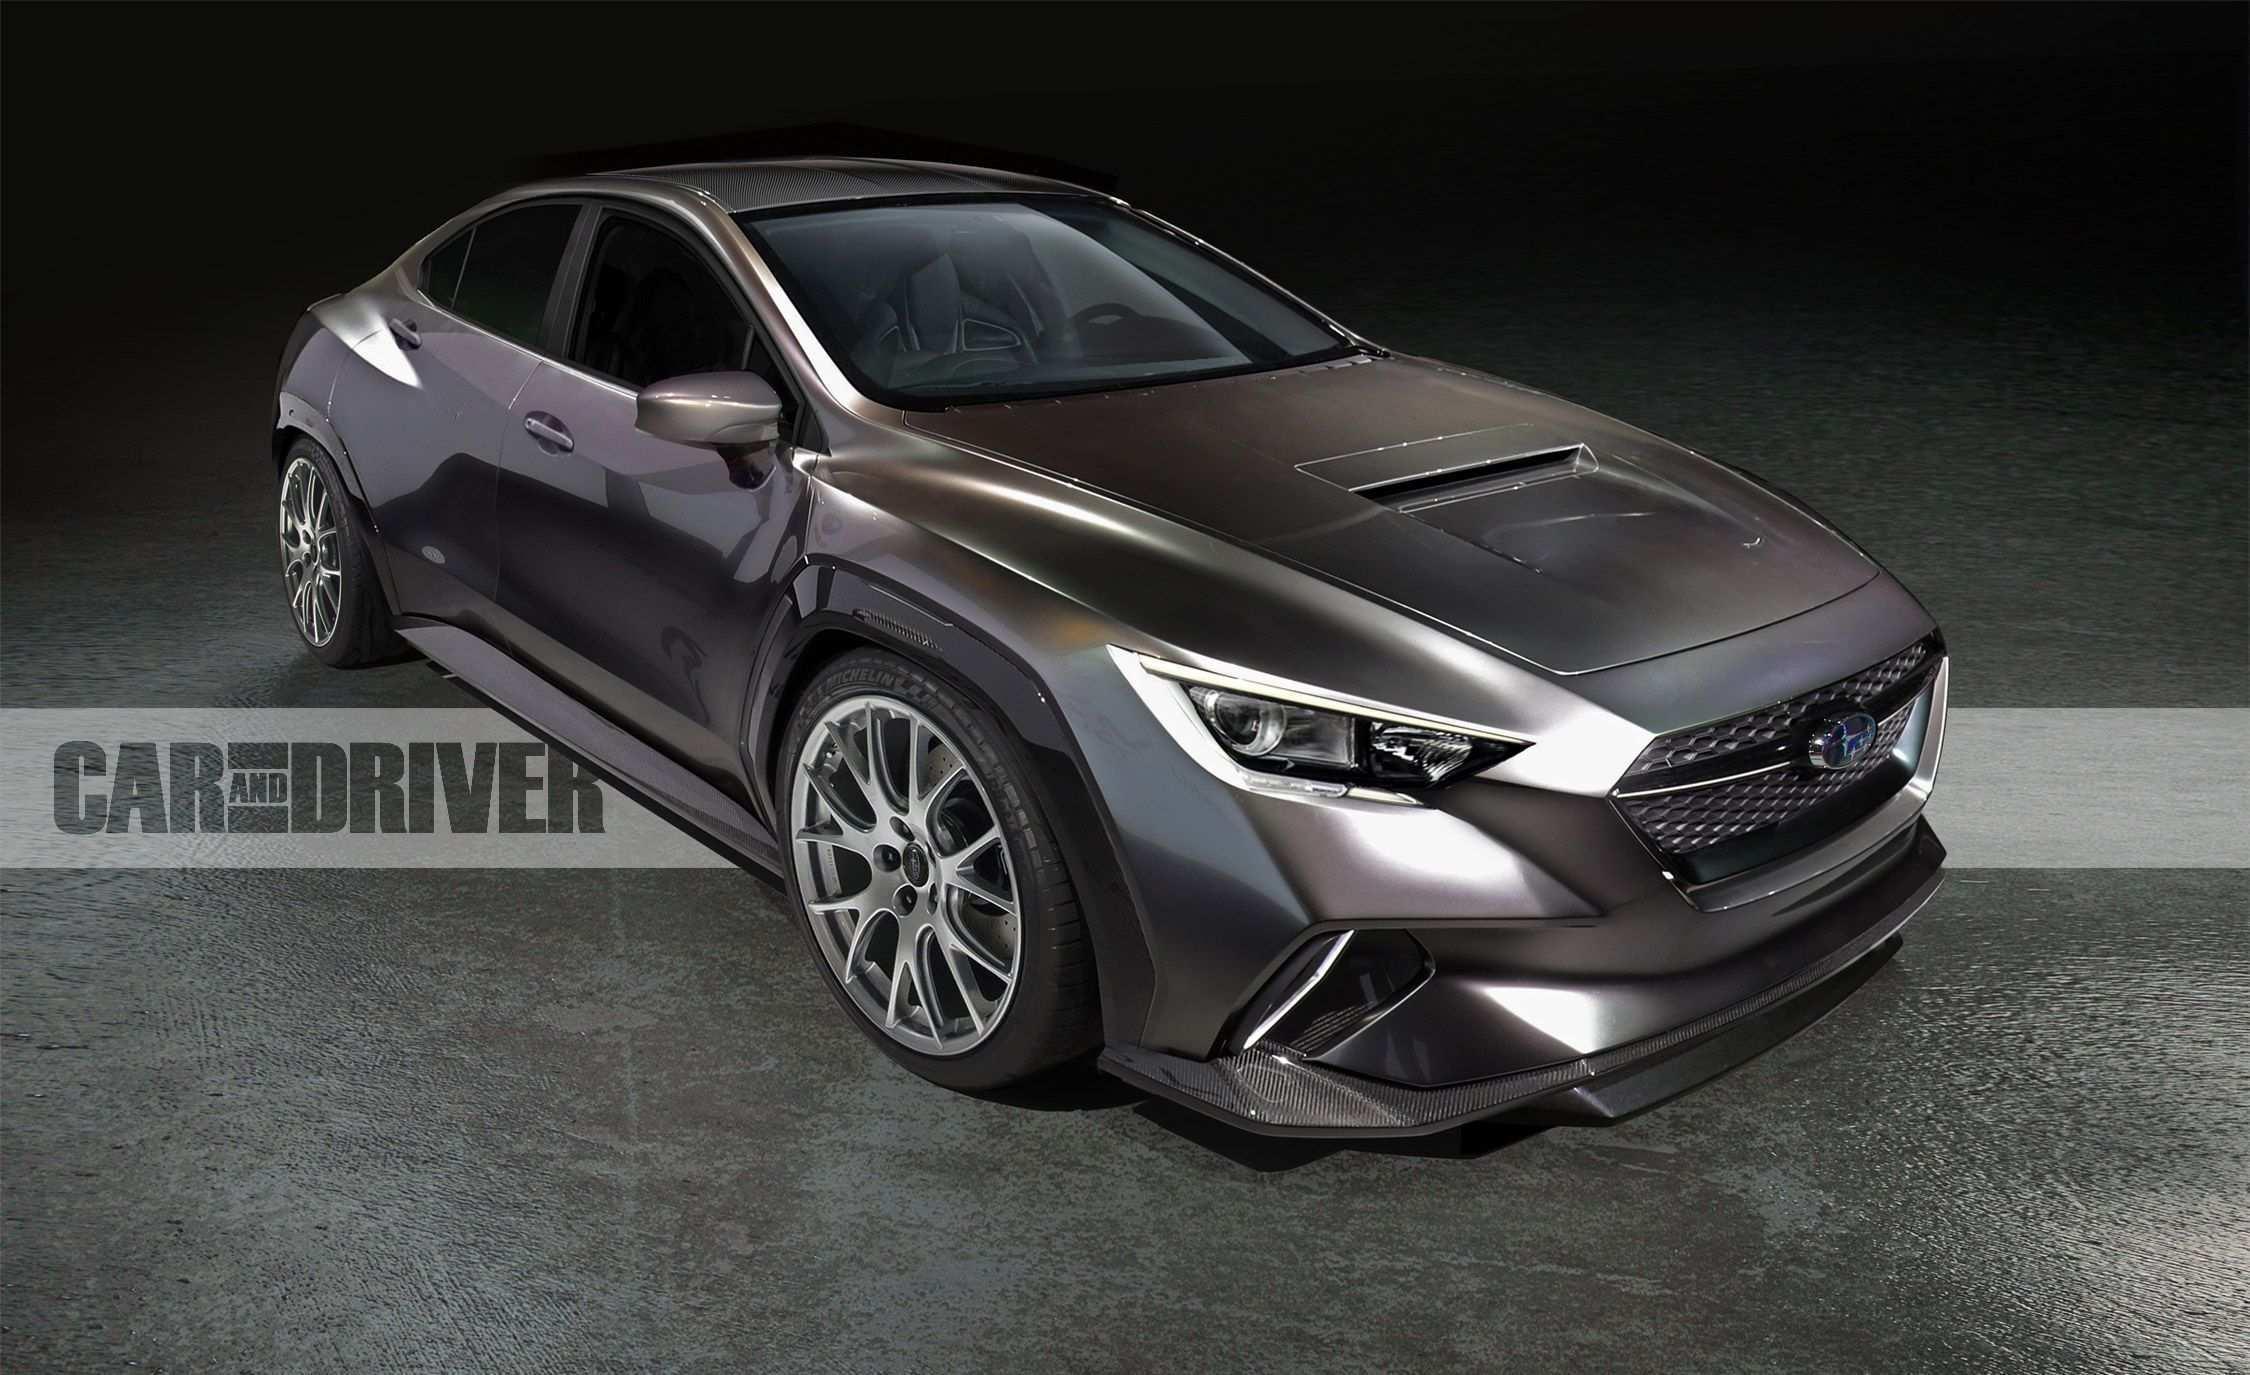 85 All New Nuevo Subaru 2020 Price by Nuevo Subaru 2020